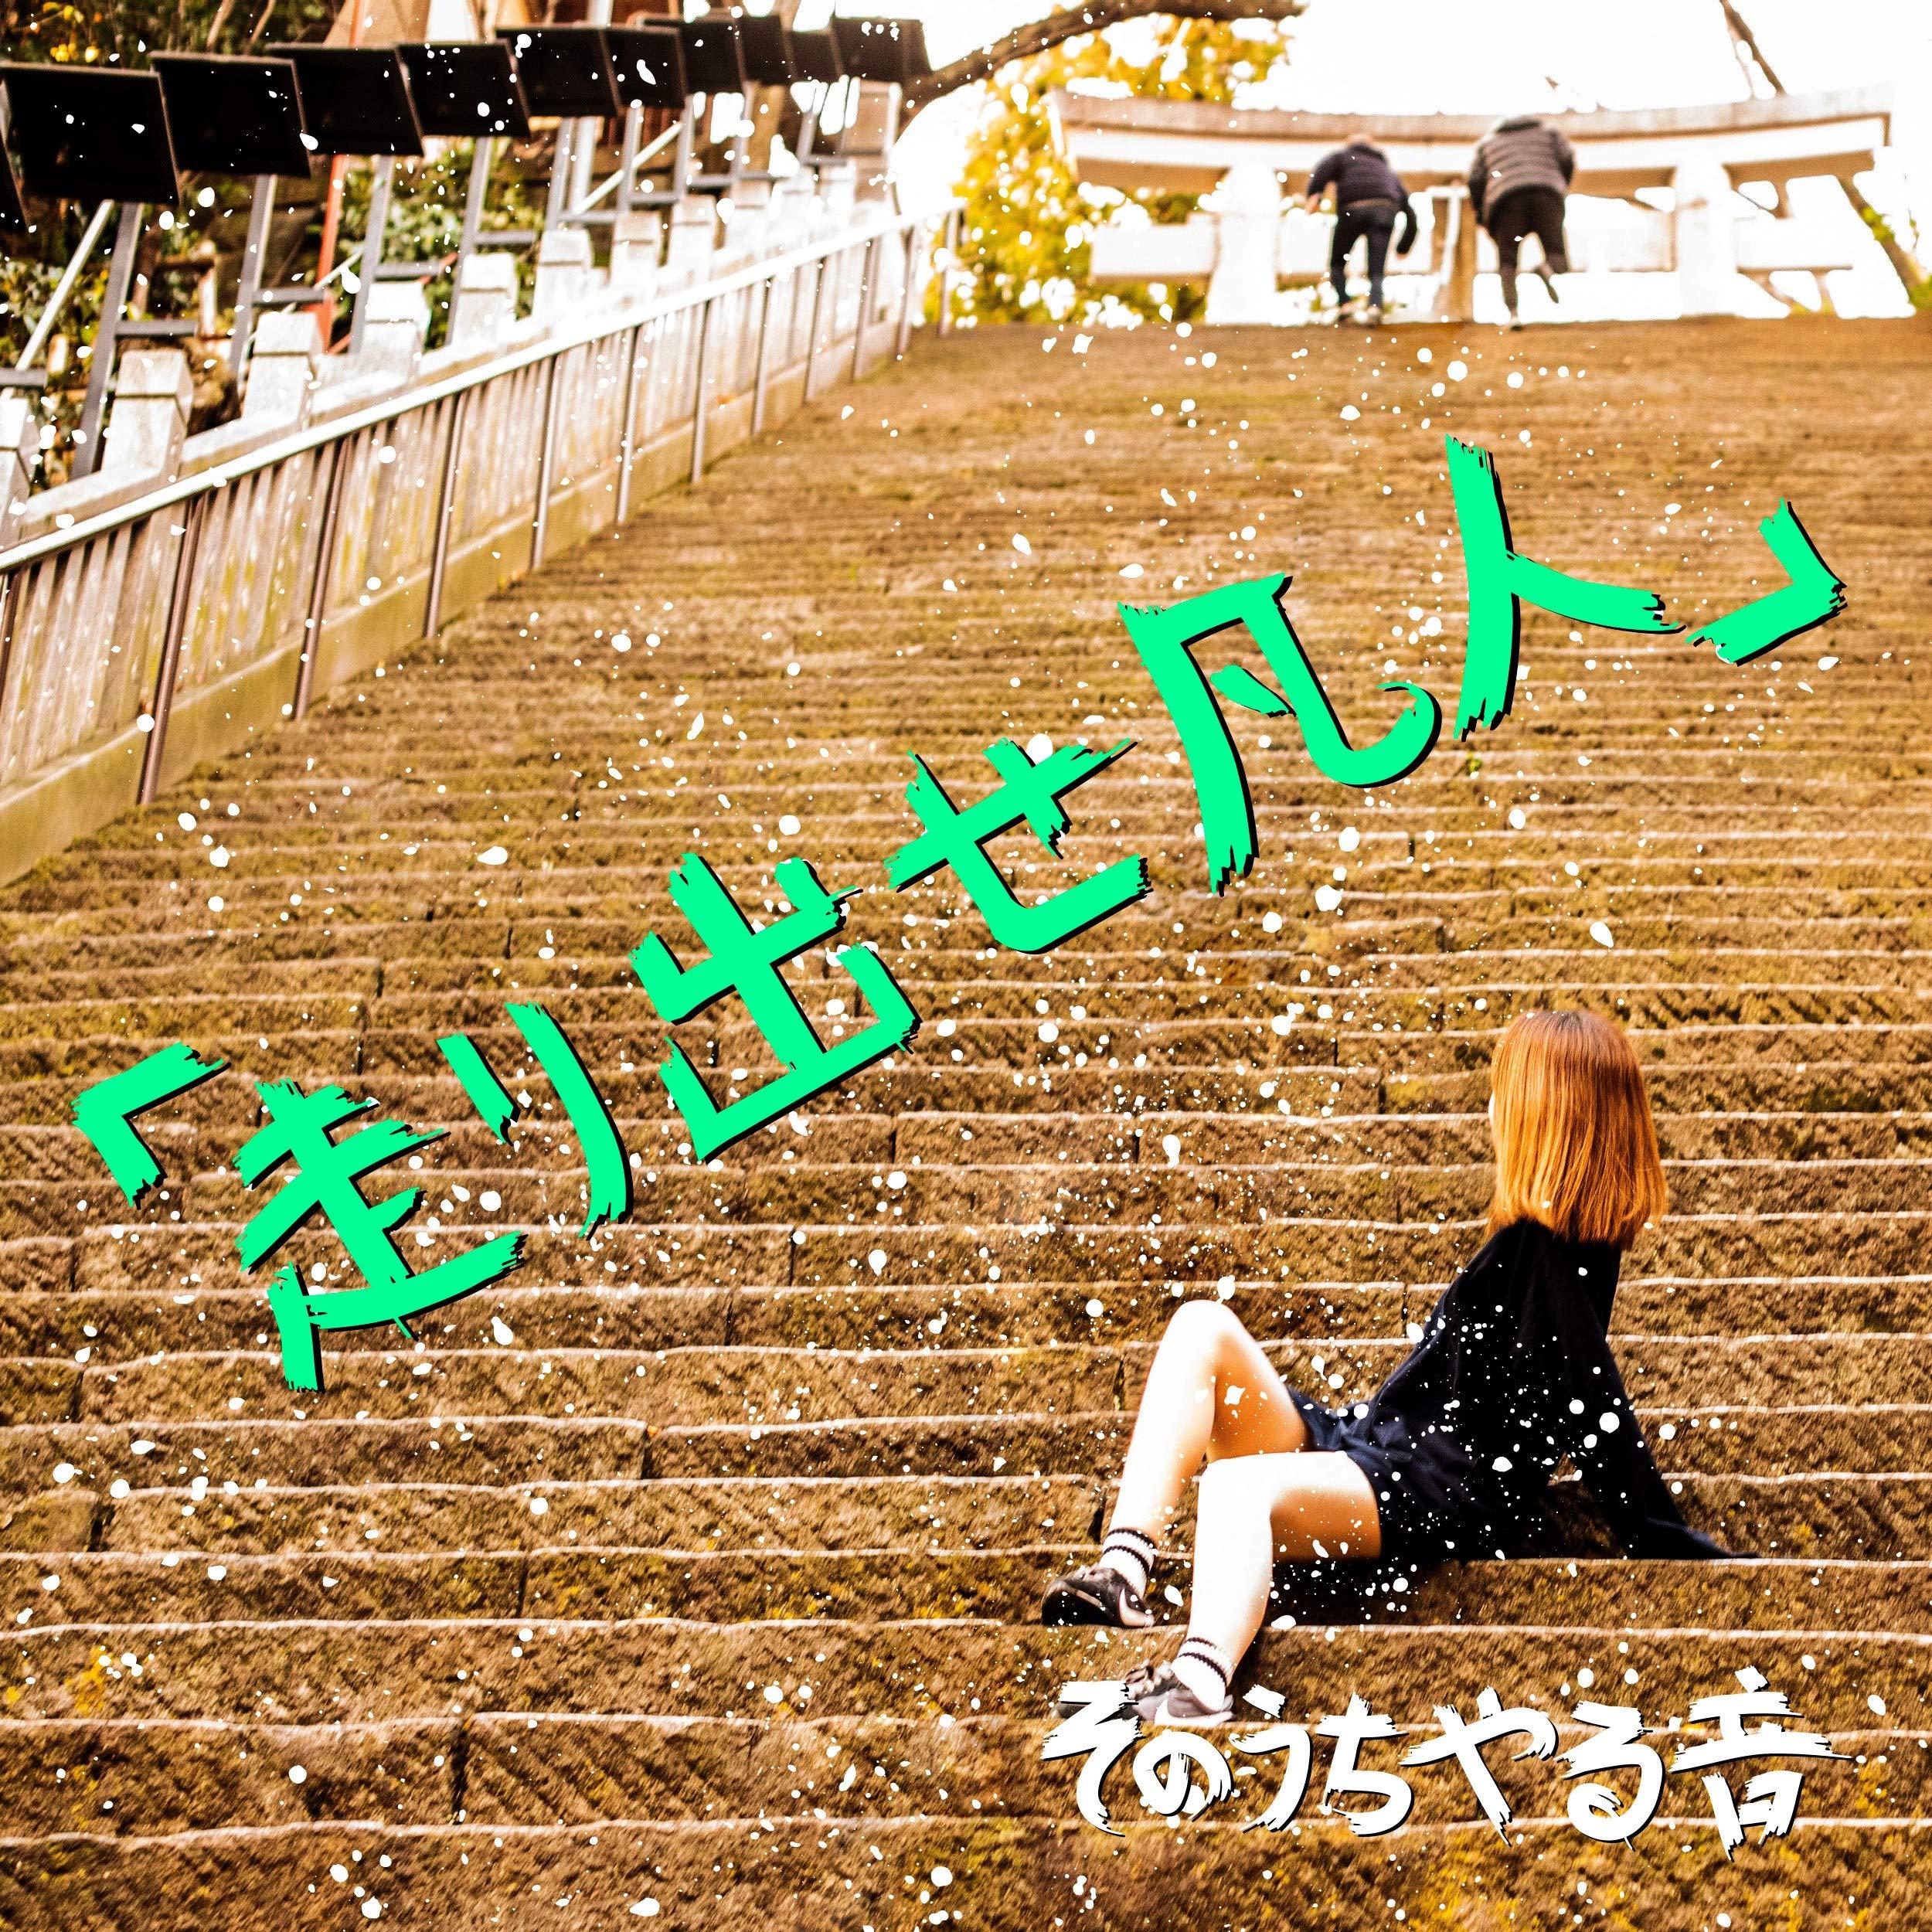 そのうちやる音 (Yarune Sonouchi) – 走り出せ凡人 [FLAC / WEB] [2019.02.13]